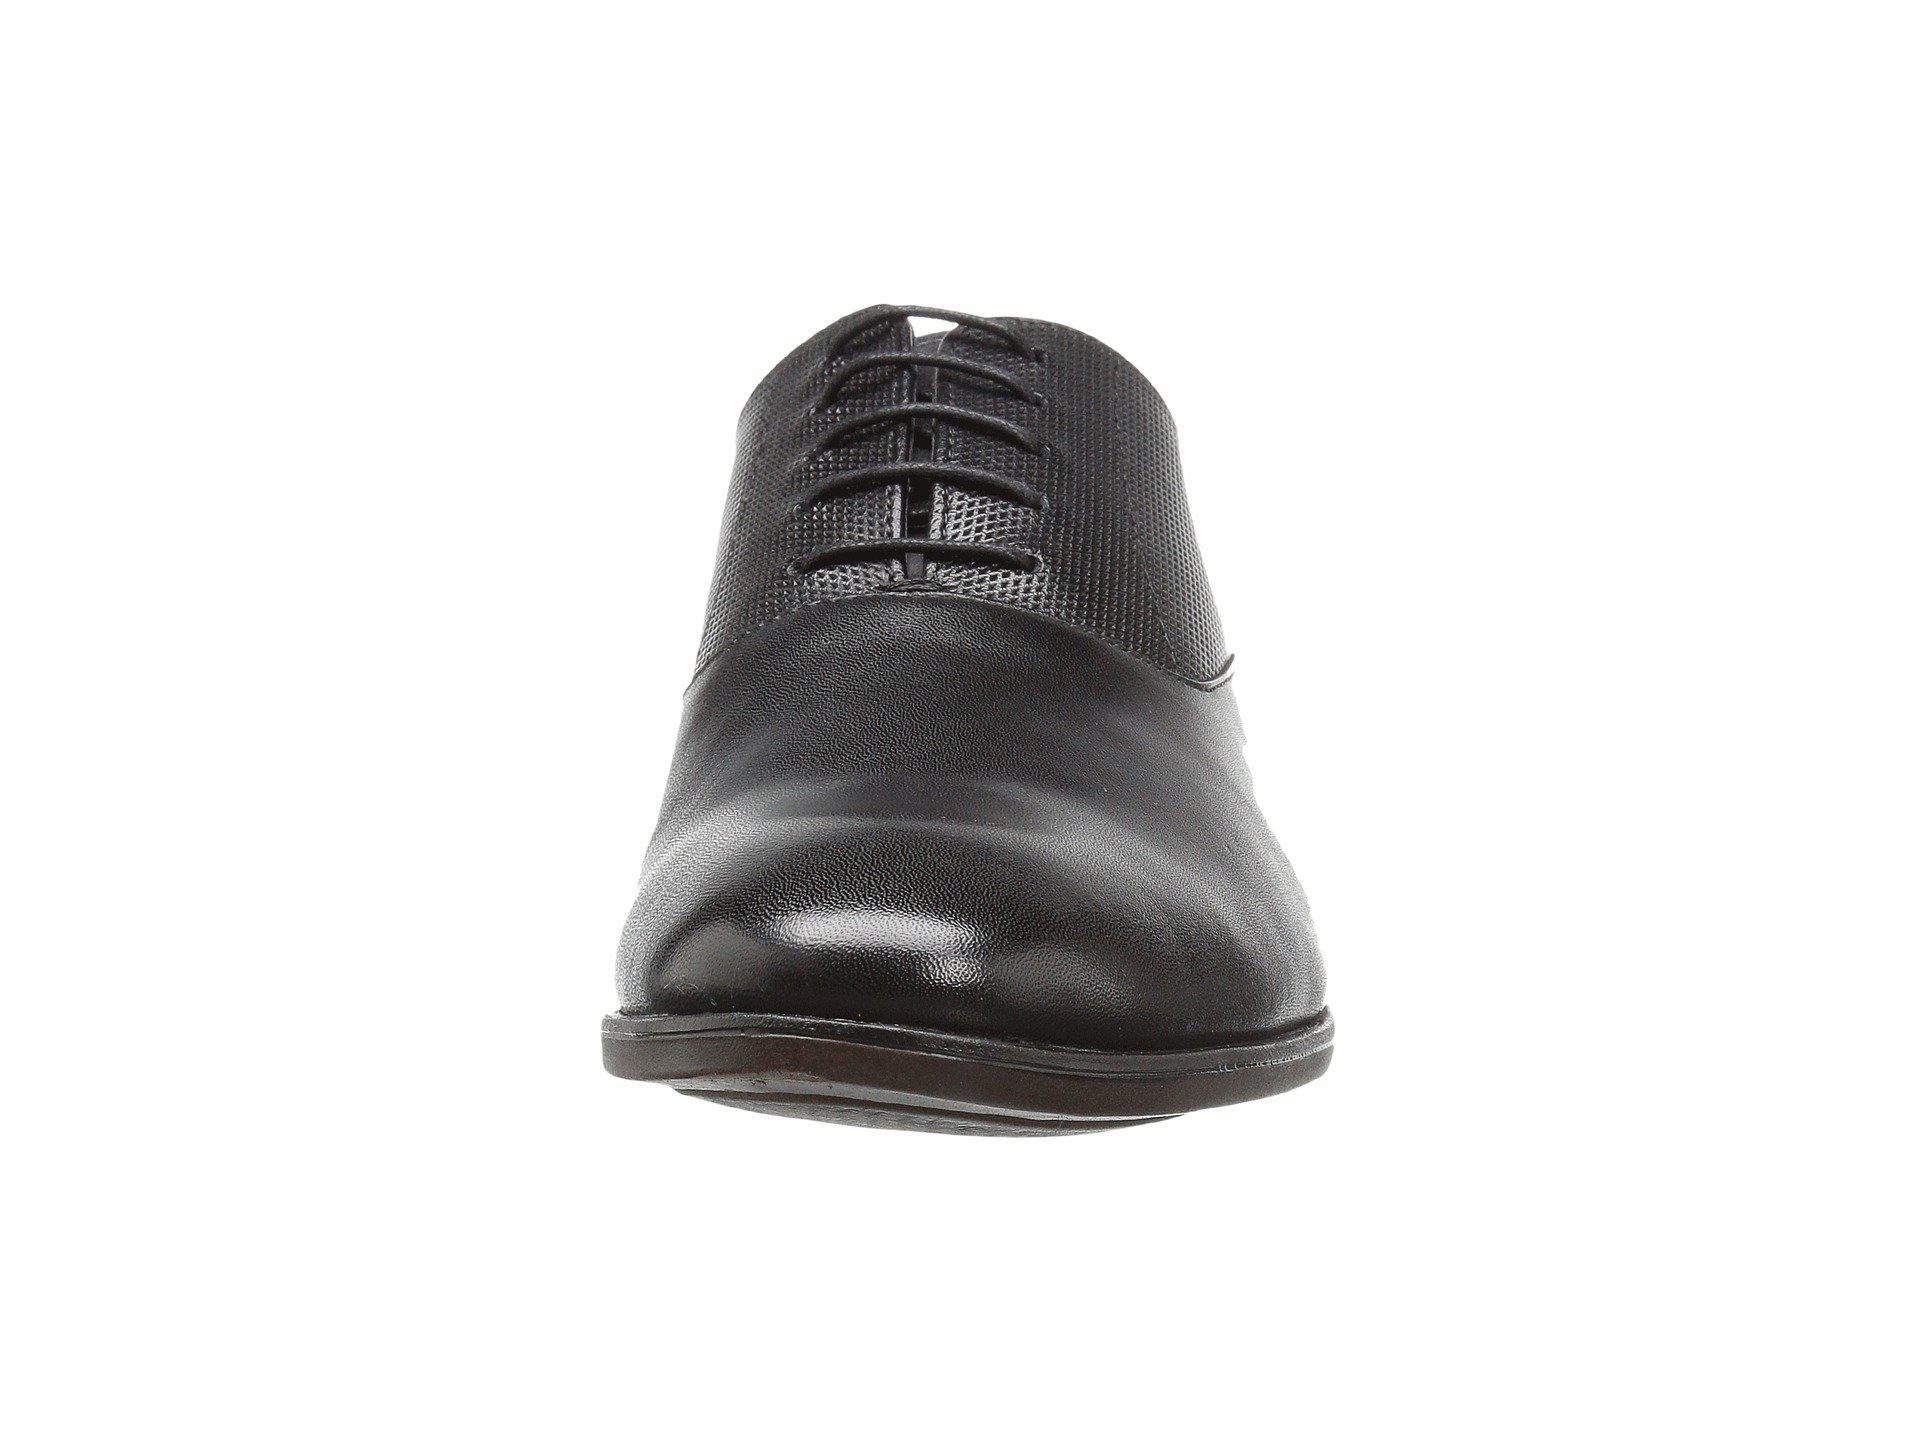 001f90cb005 Lyst - Steve Madden Esos in Black for Men